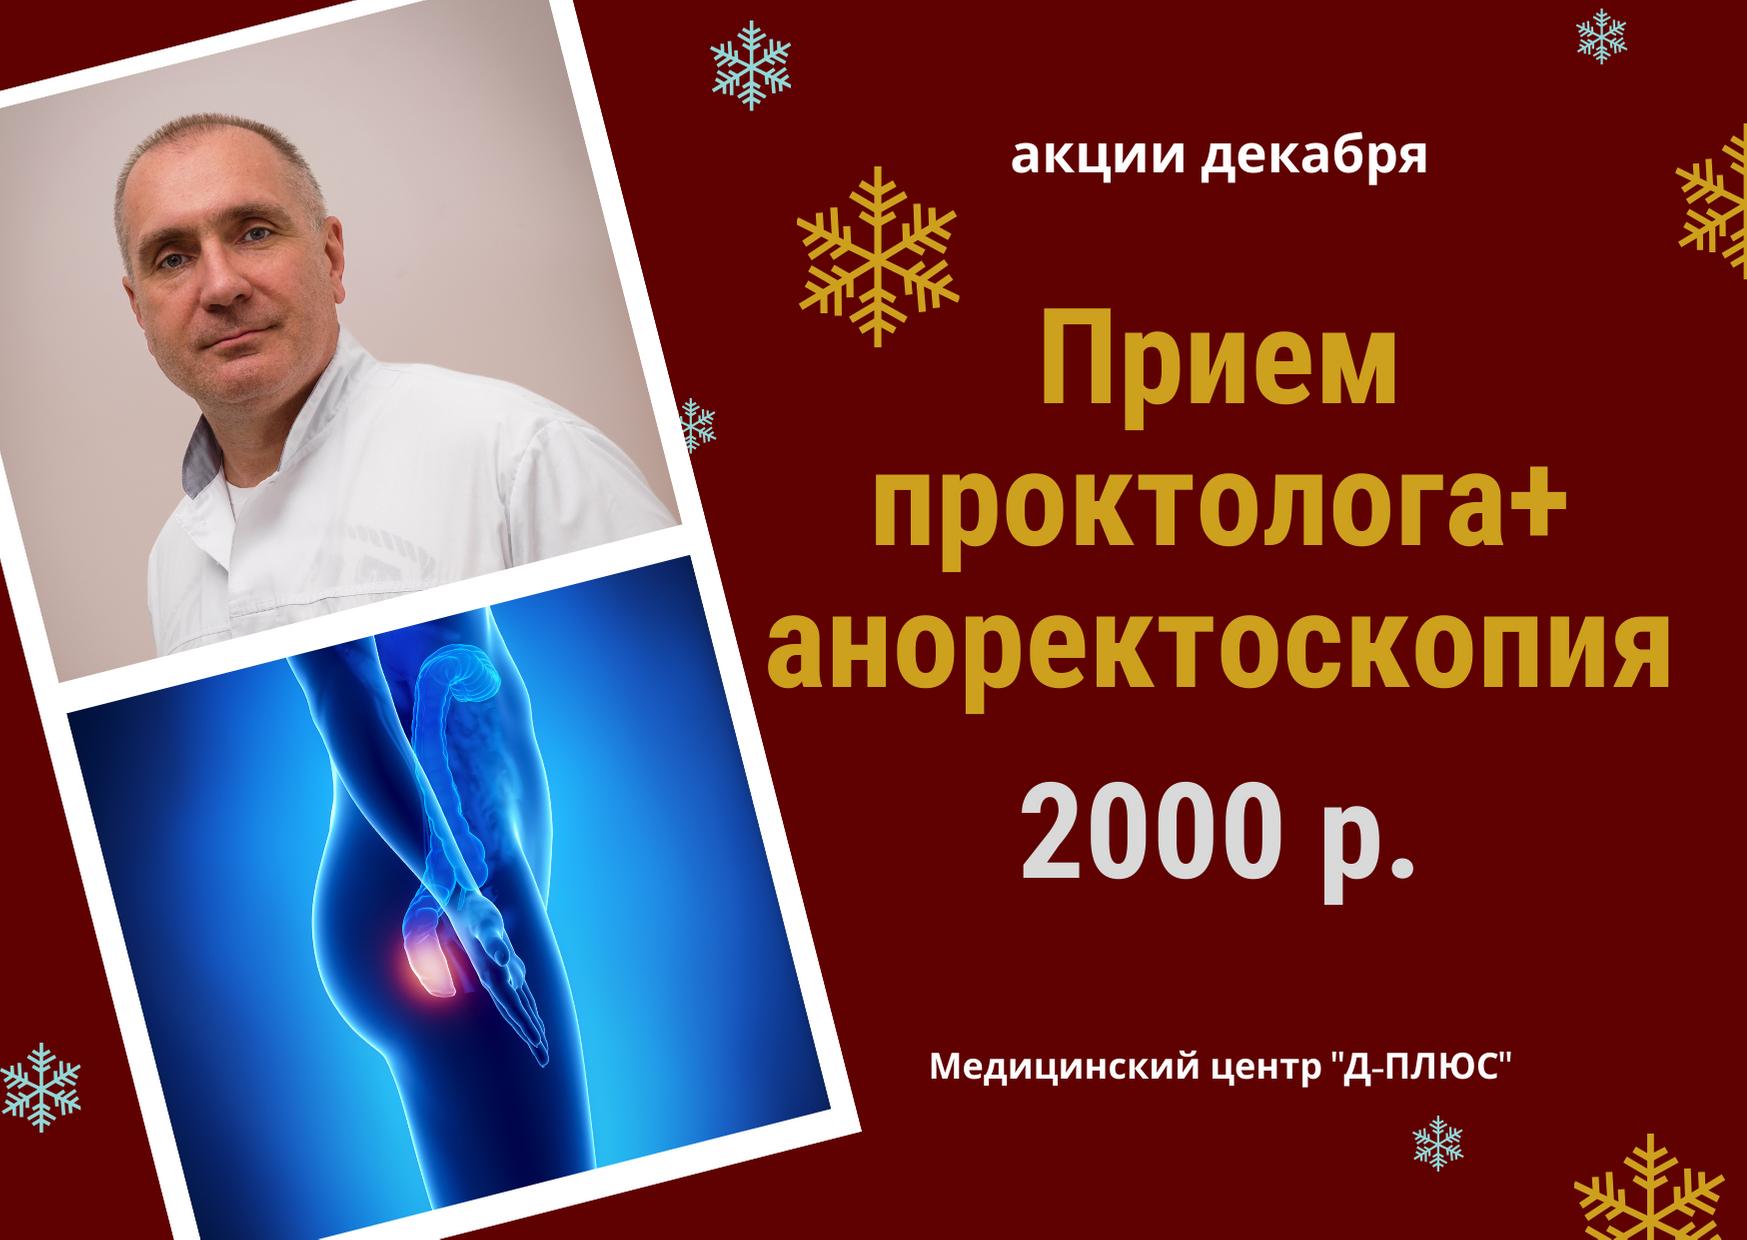 Прием проктолога+аноректоскопия – 2000 руб.